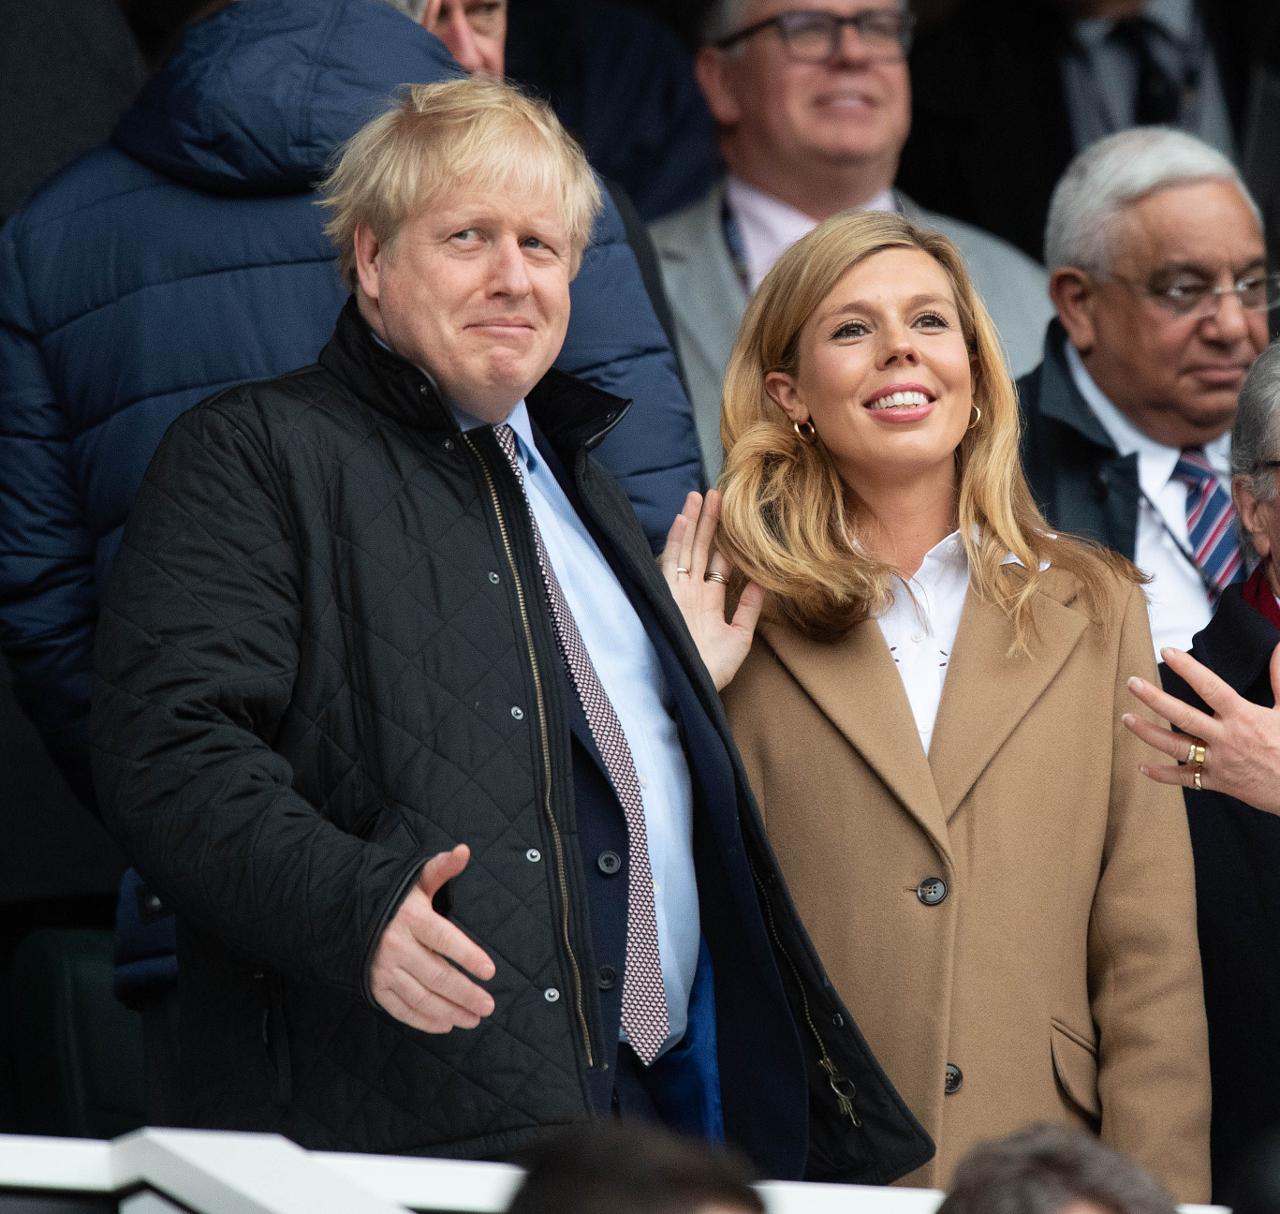 Boris Johnson z narzeczoną na oficjalnym wydarzeniu.